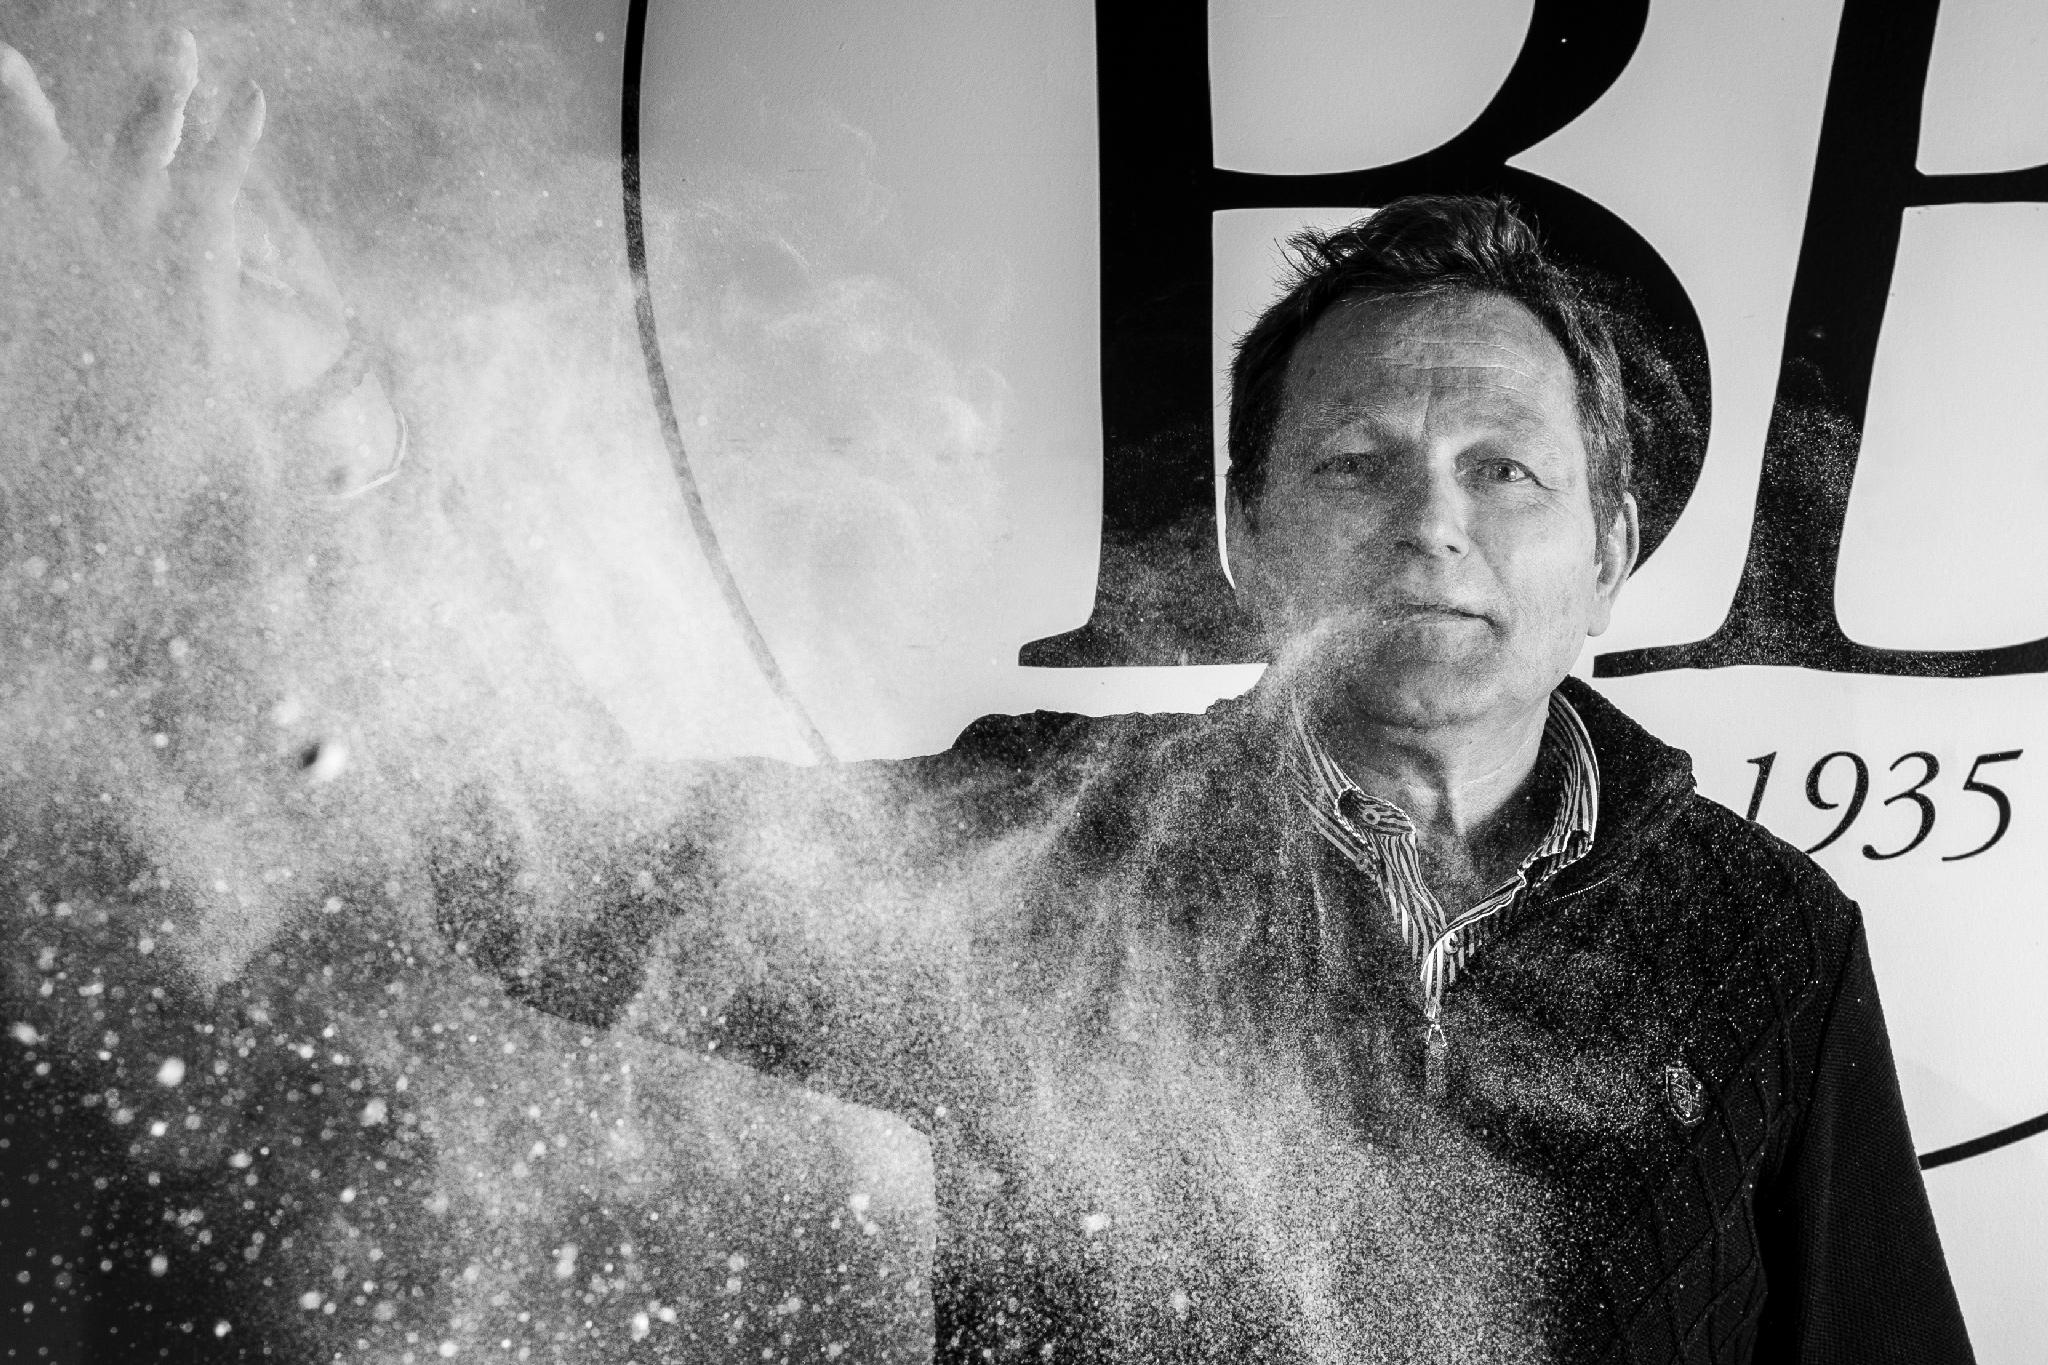 Photographe Lyon Villeurbanne - portrait professionnel artisan commerçant - François Bettant - La Maison Bettant - Gratte-Ciel